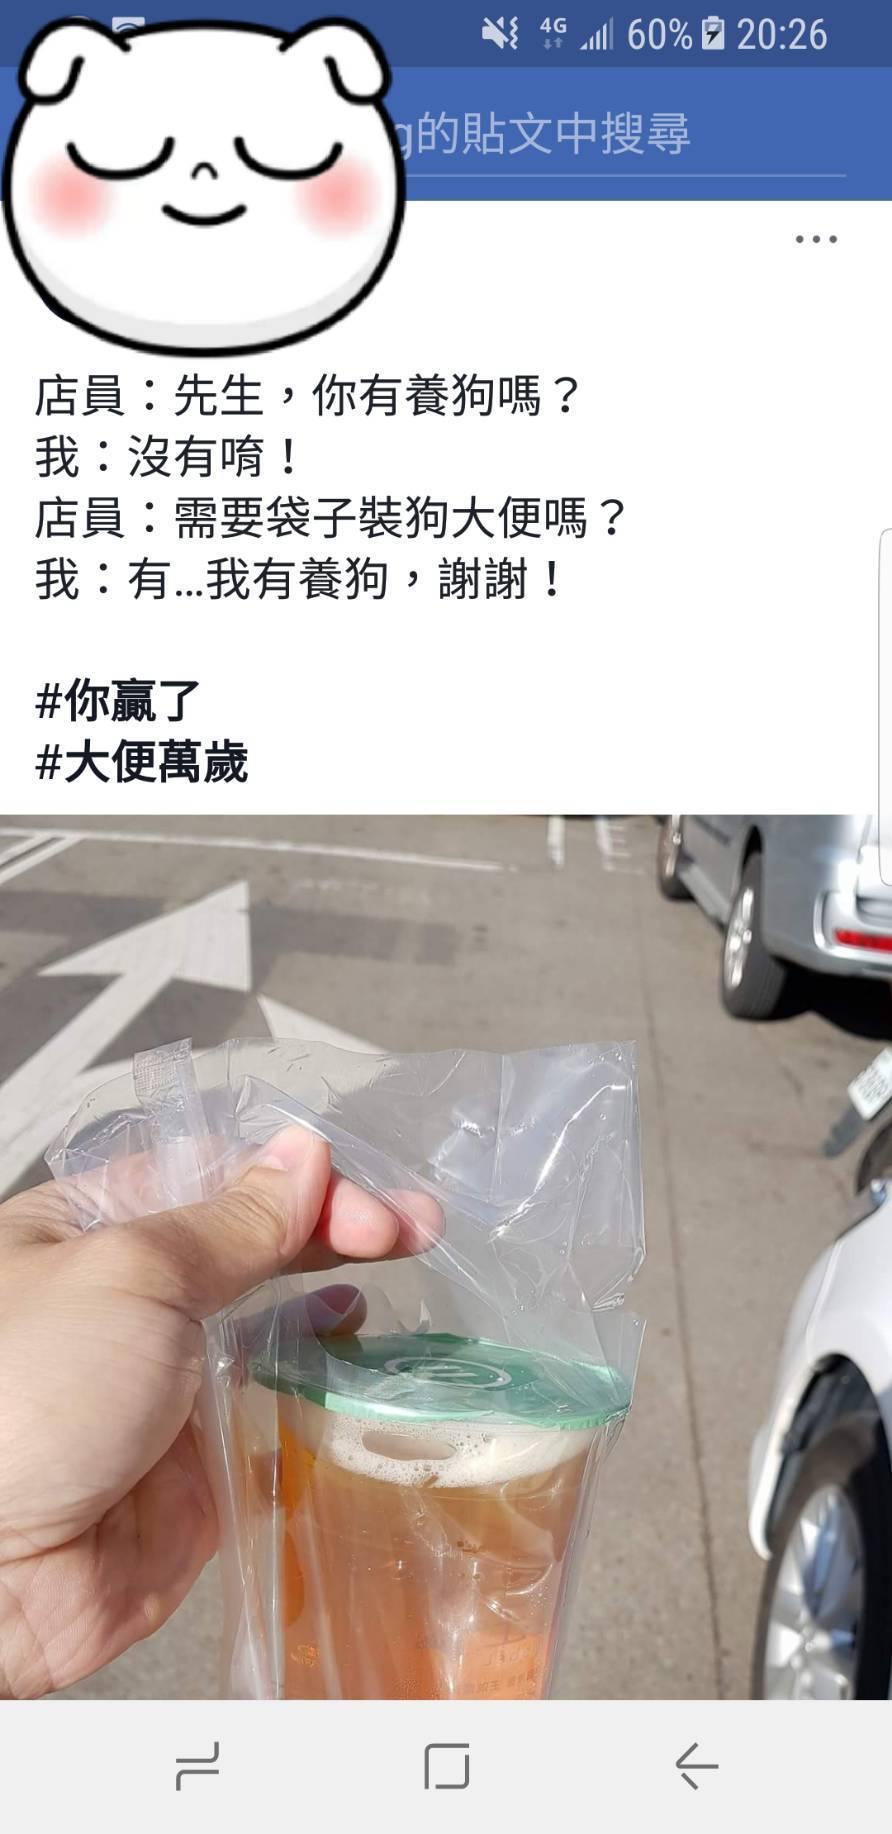 擴大限塑政策元旦已上路,但有店家仍提供免費塑膠袋,但向消費者說這是「遛狗裝排泄物...